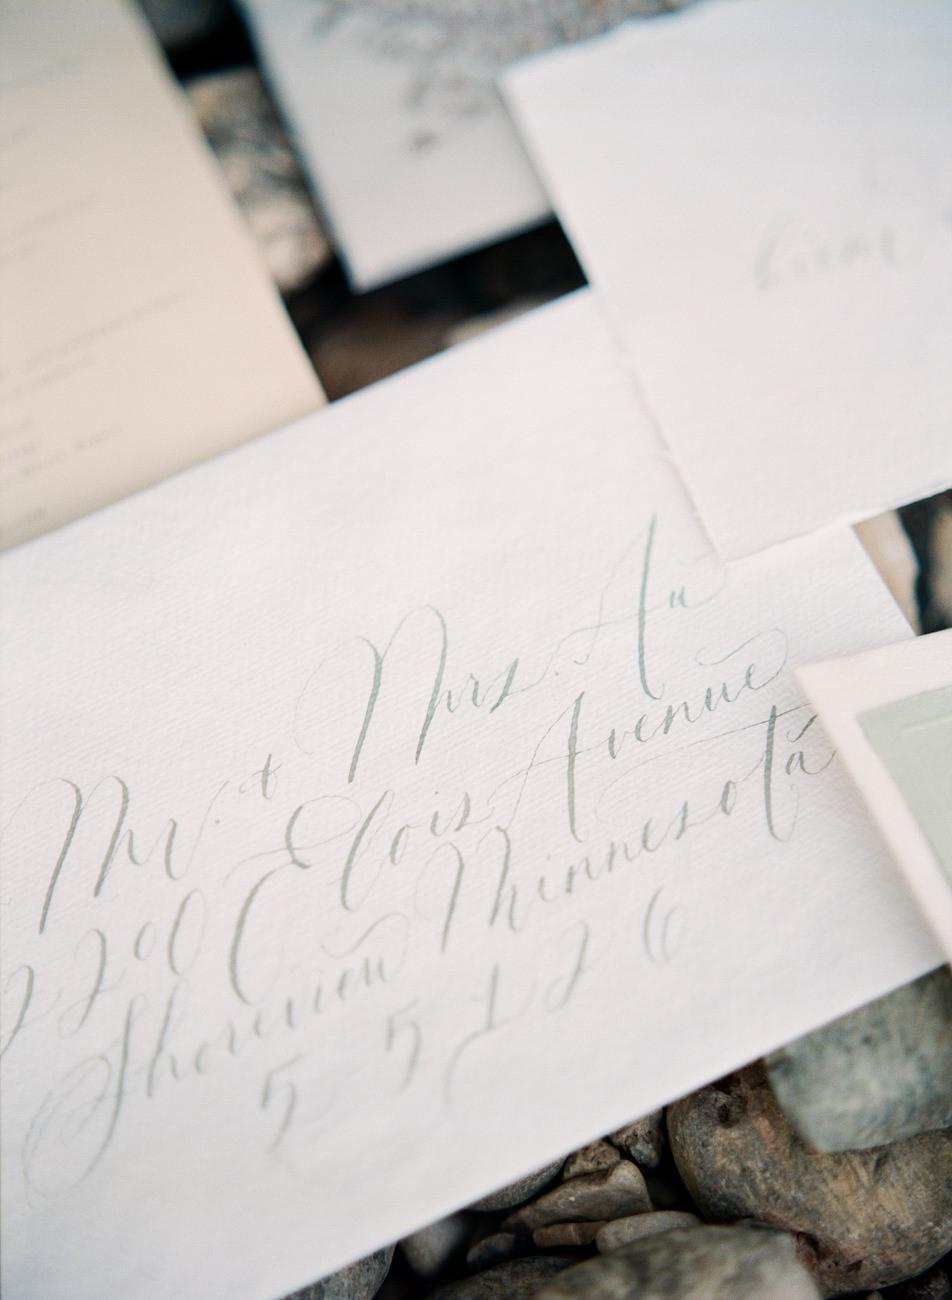 saint-guilhem-photographe-mariage-alain-m-33.jpg